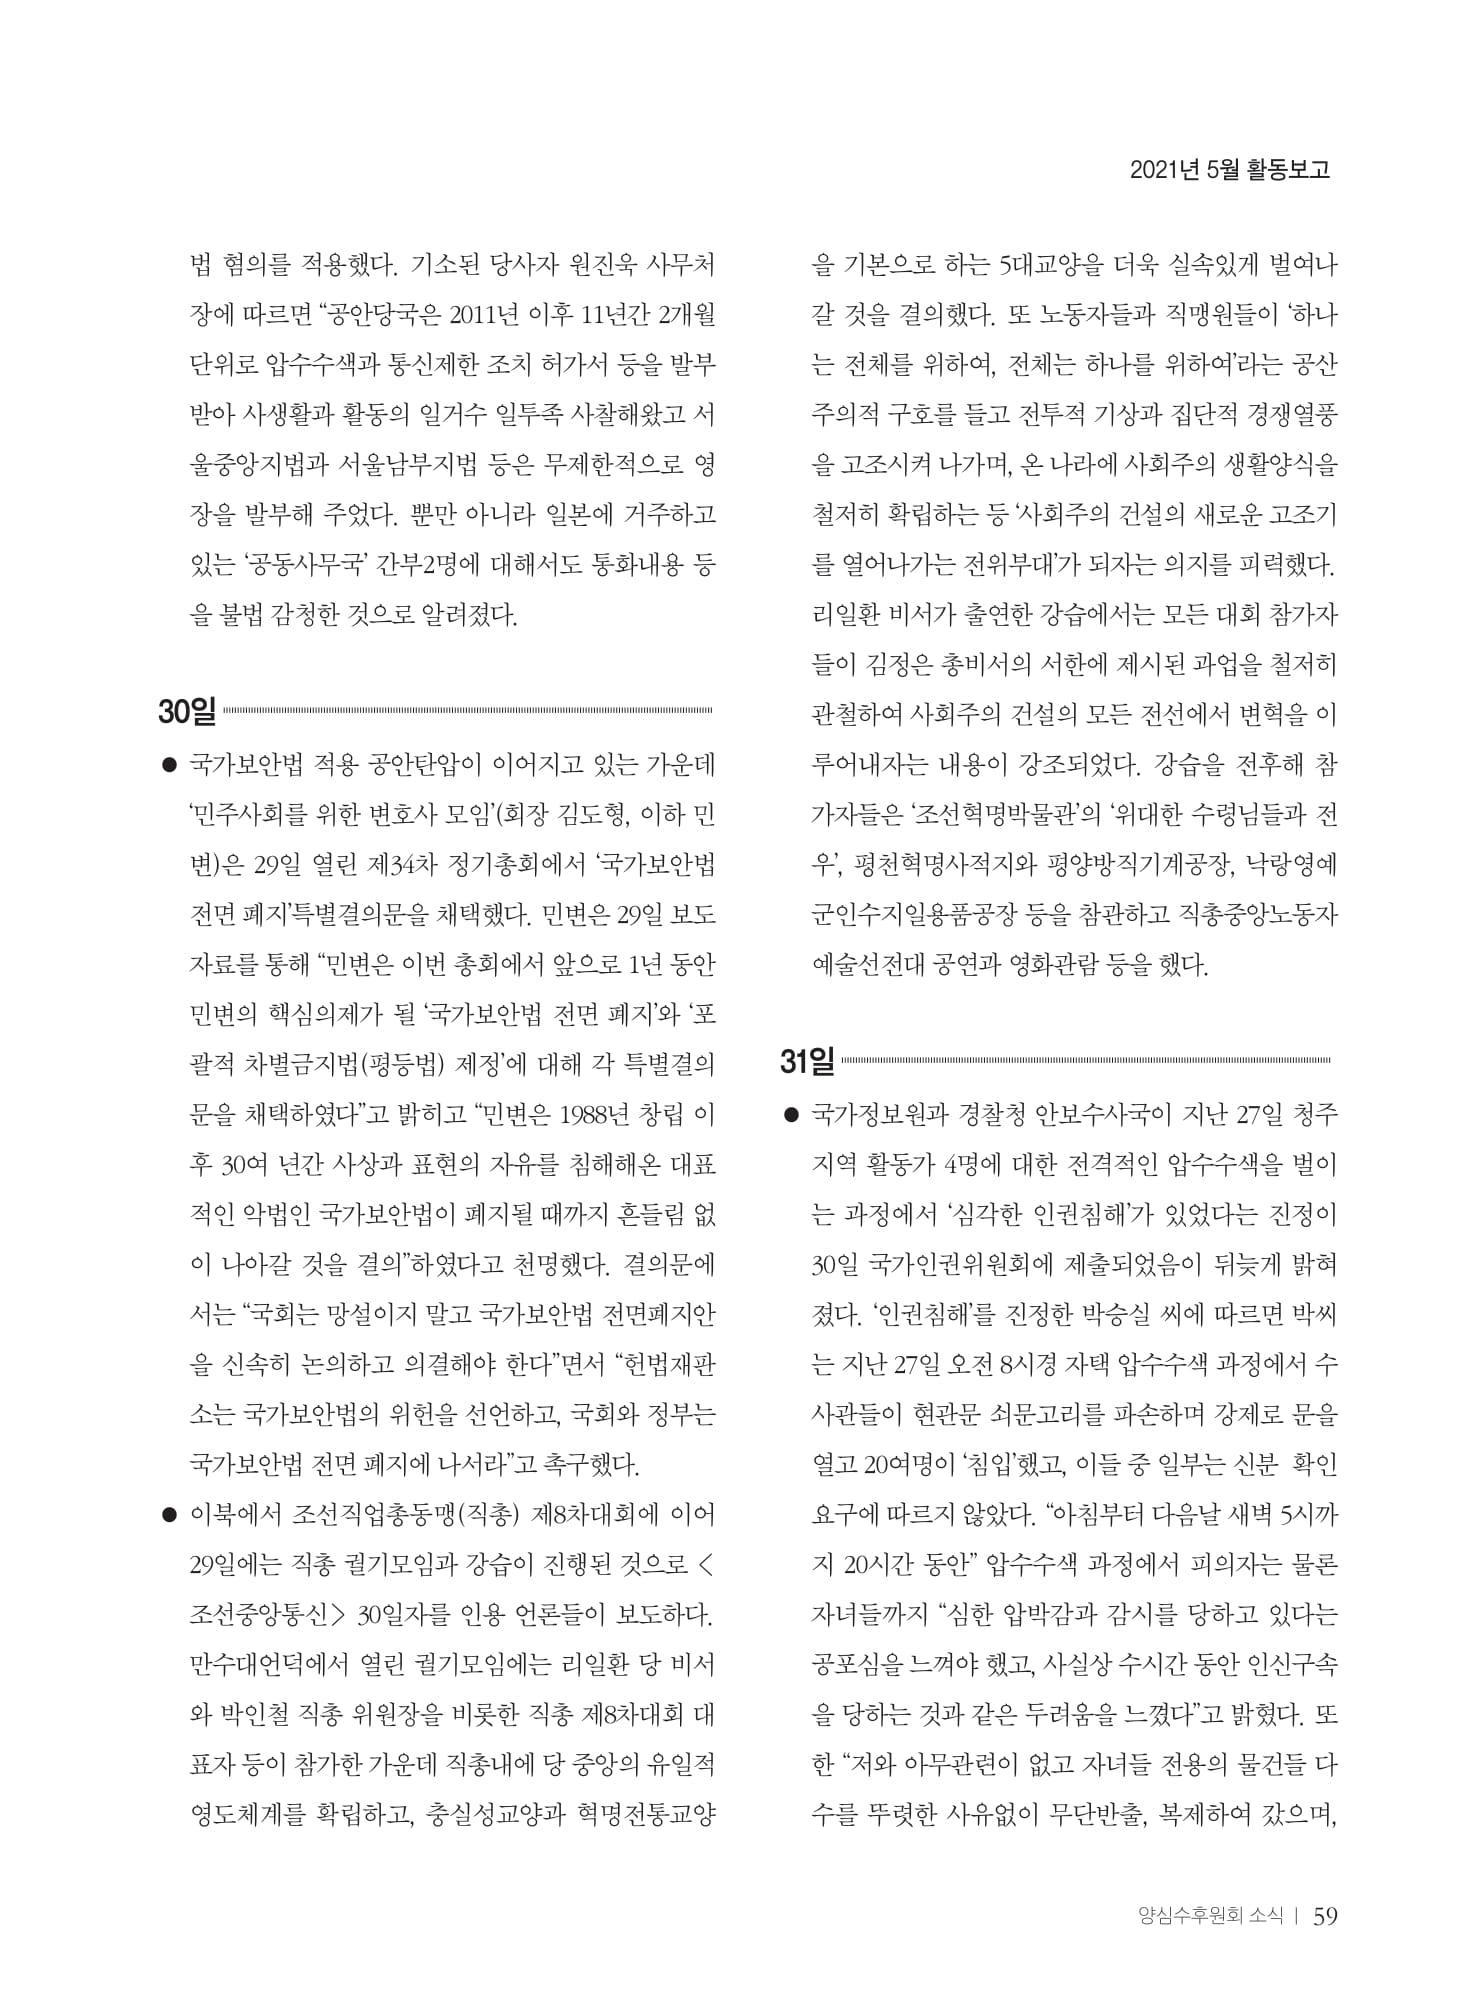 [양심수후원회] 소식지 354호 web 수정-61.jpg